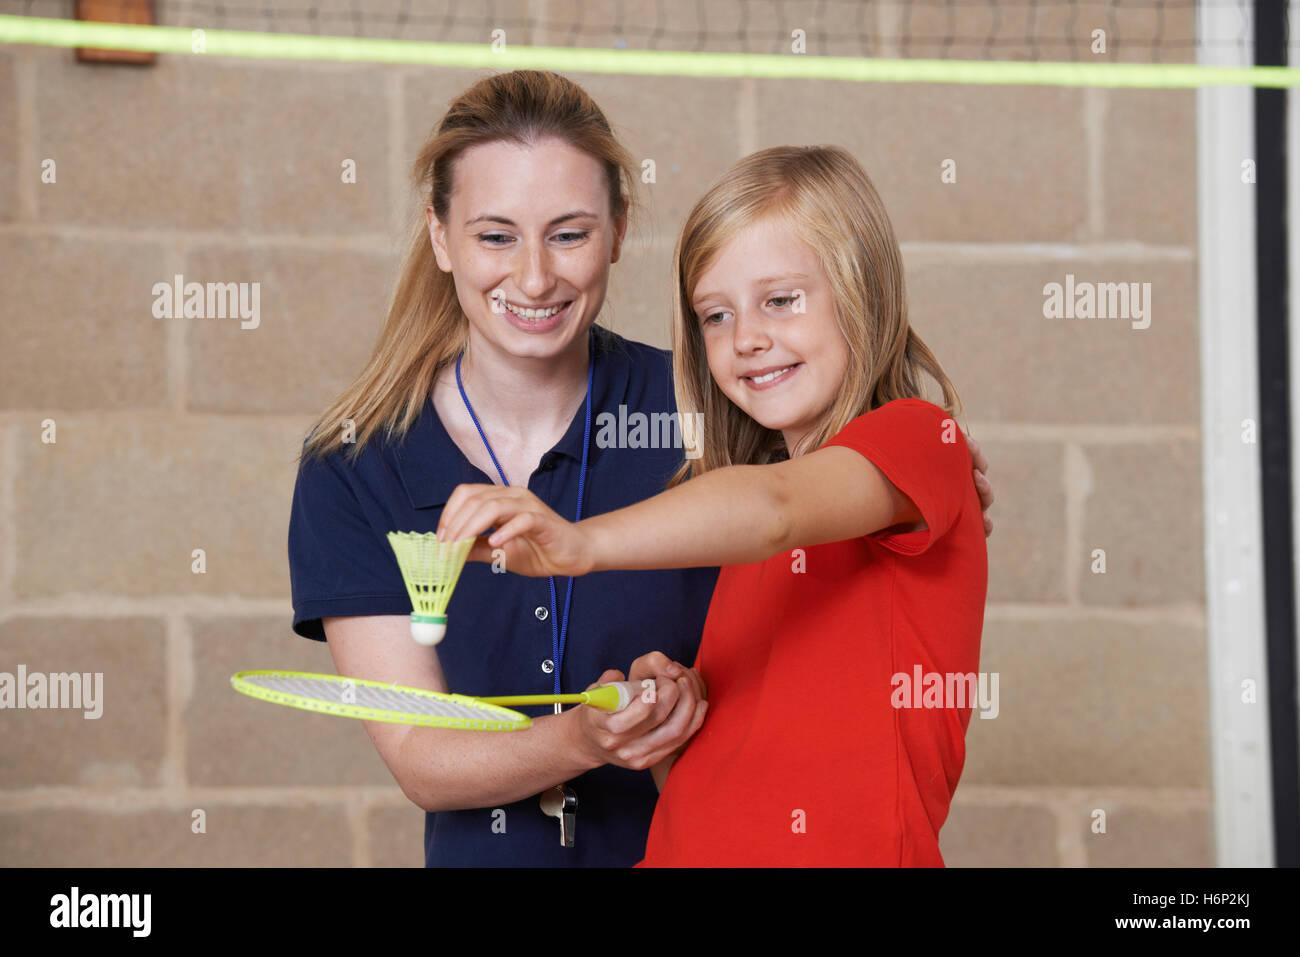 Professeur donnerait élève Leçon de badminton féminin Photo Stock